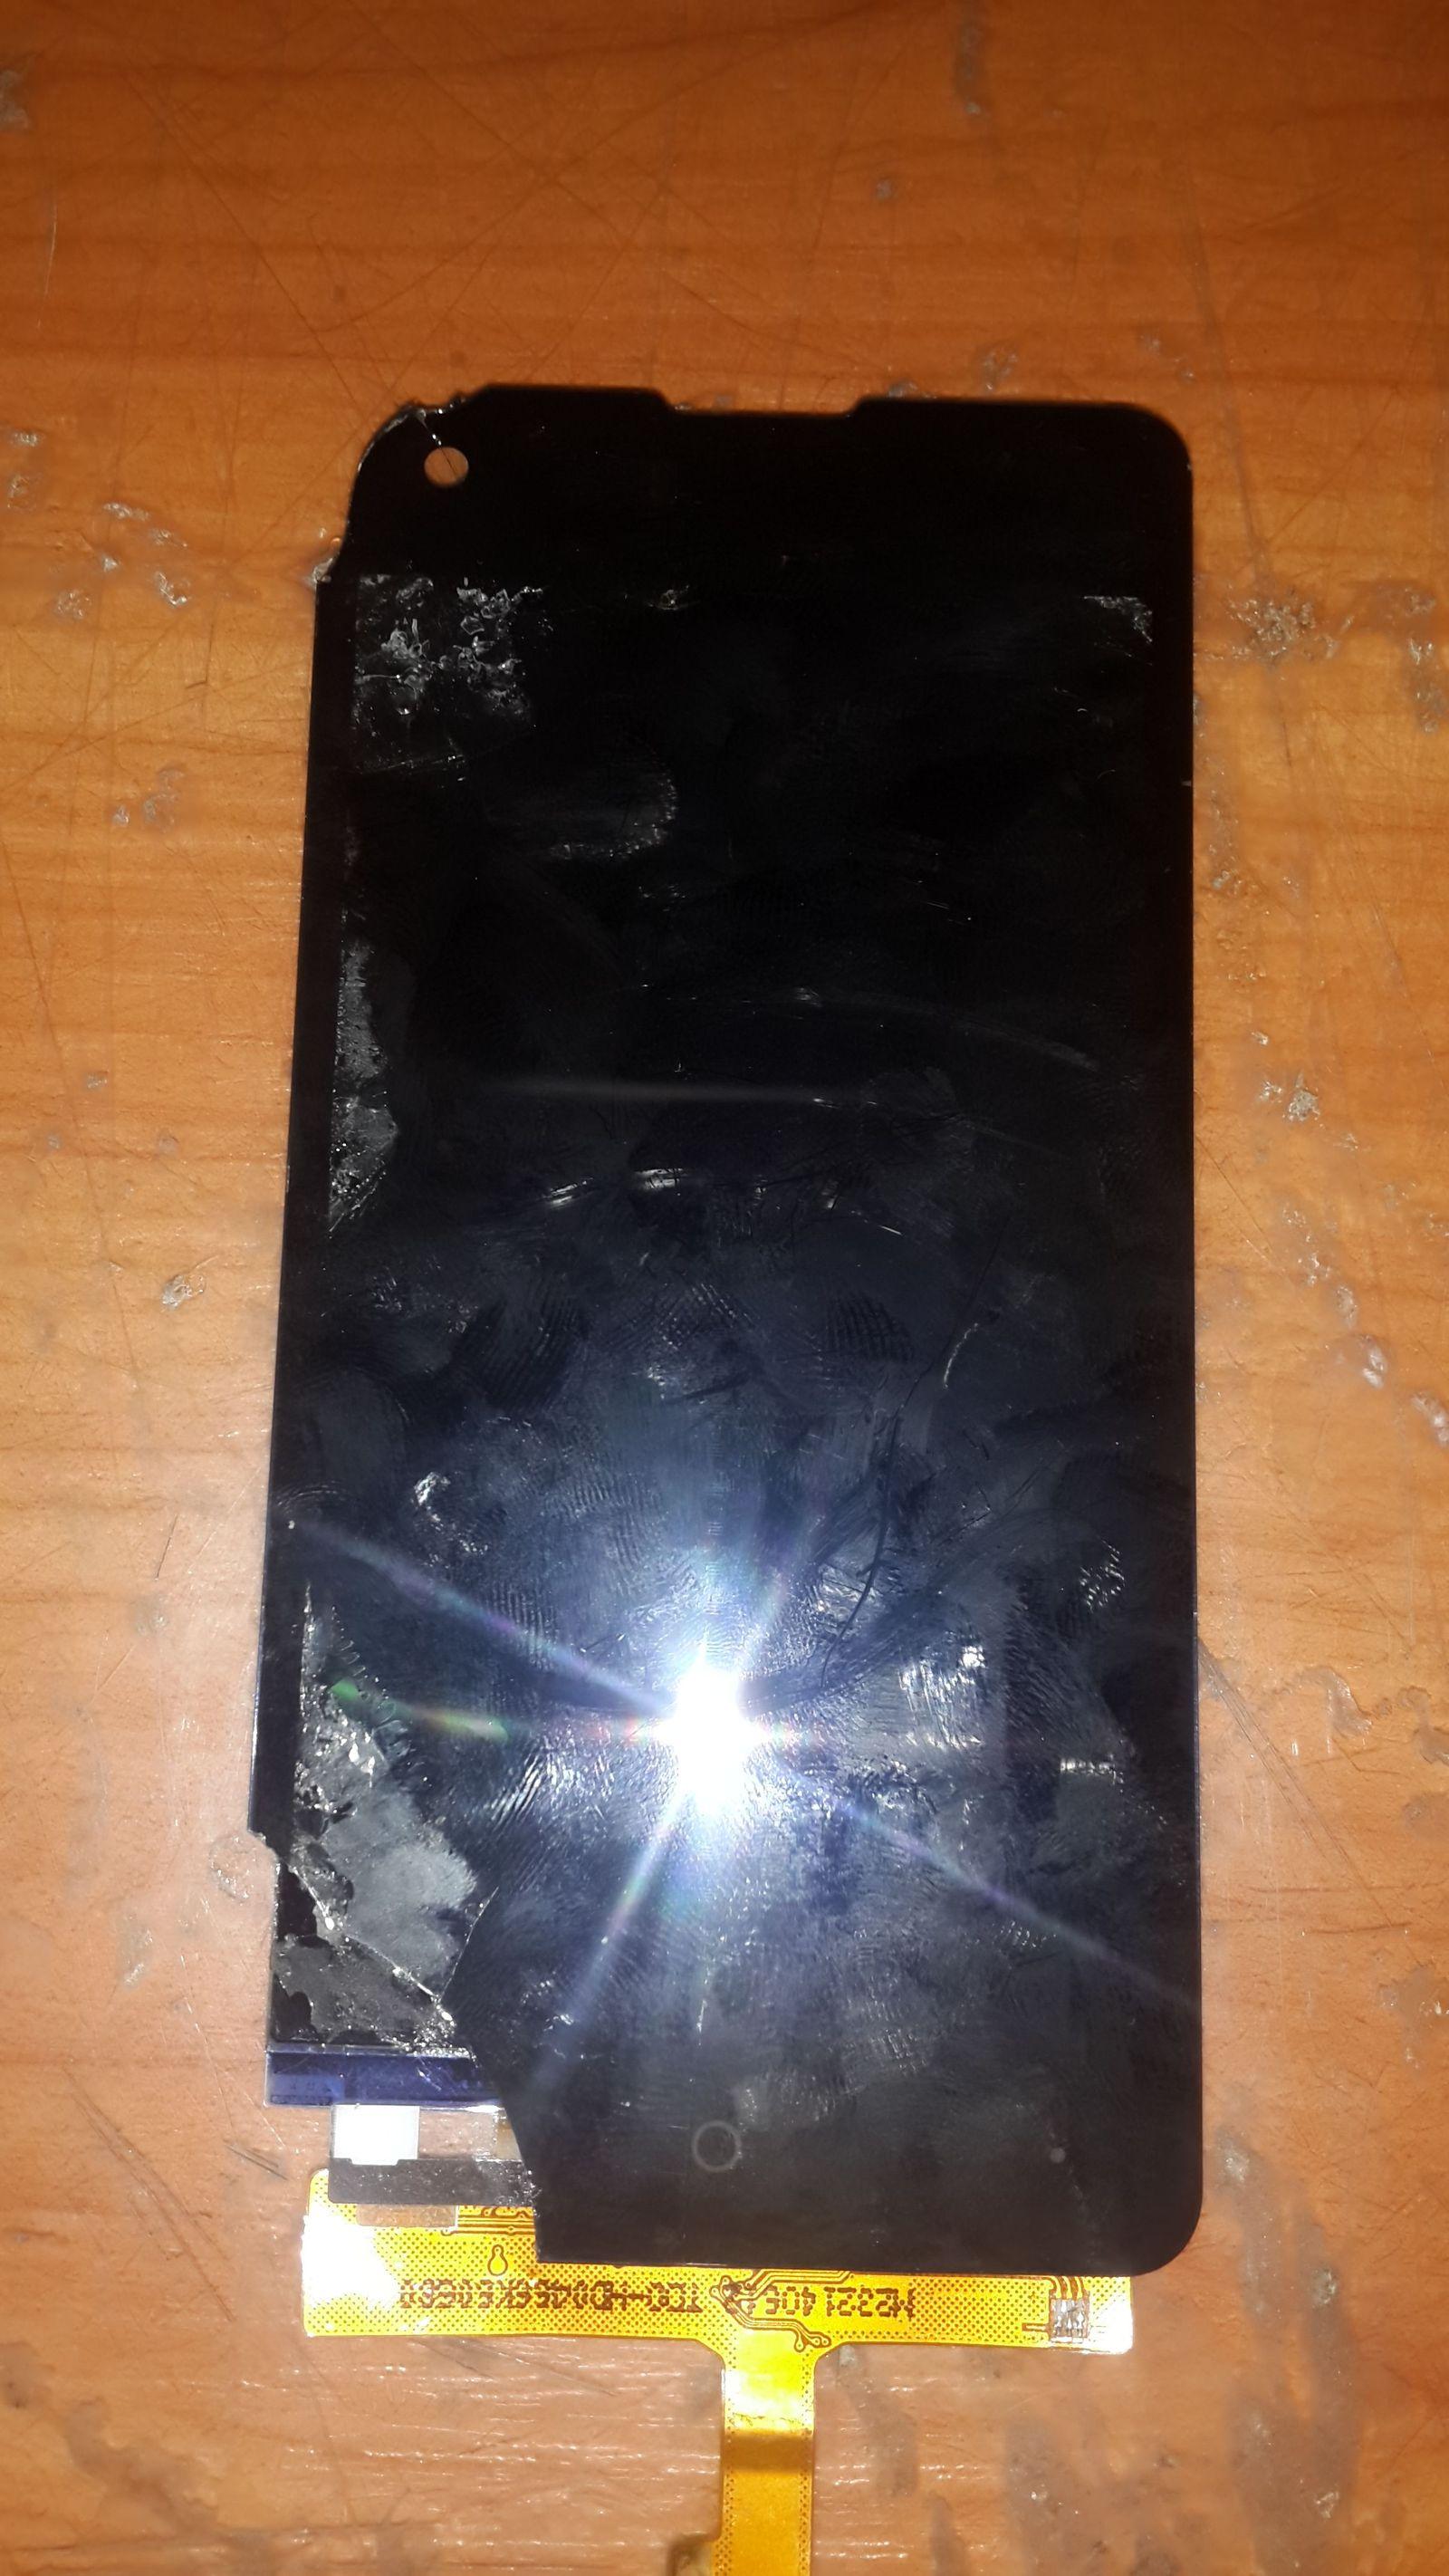 Как поменять дисплей телефона своими руками фото 920